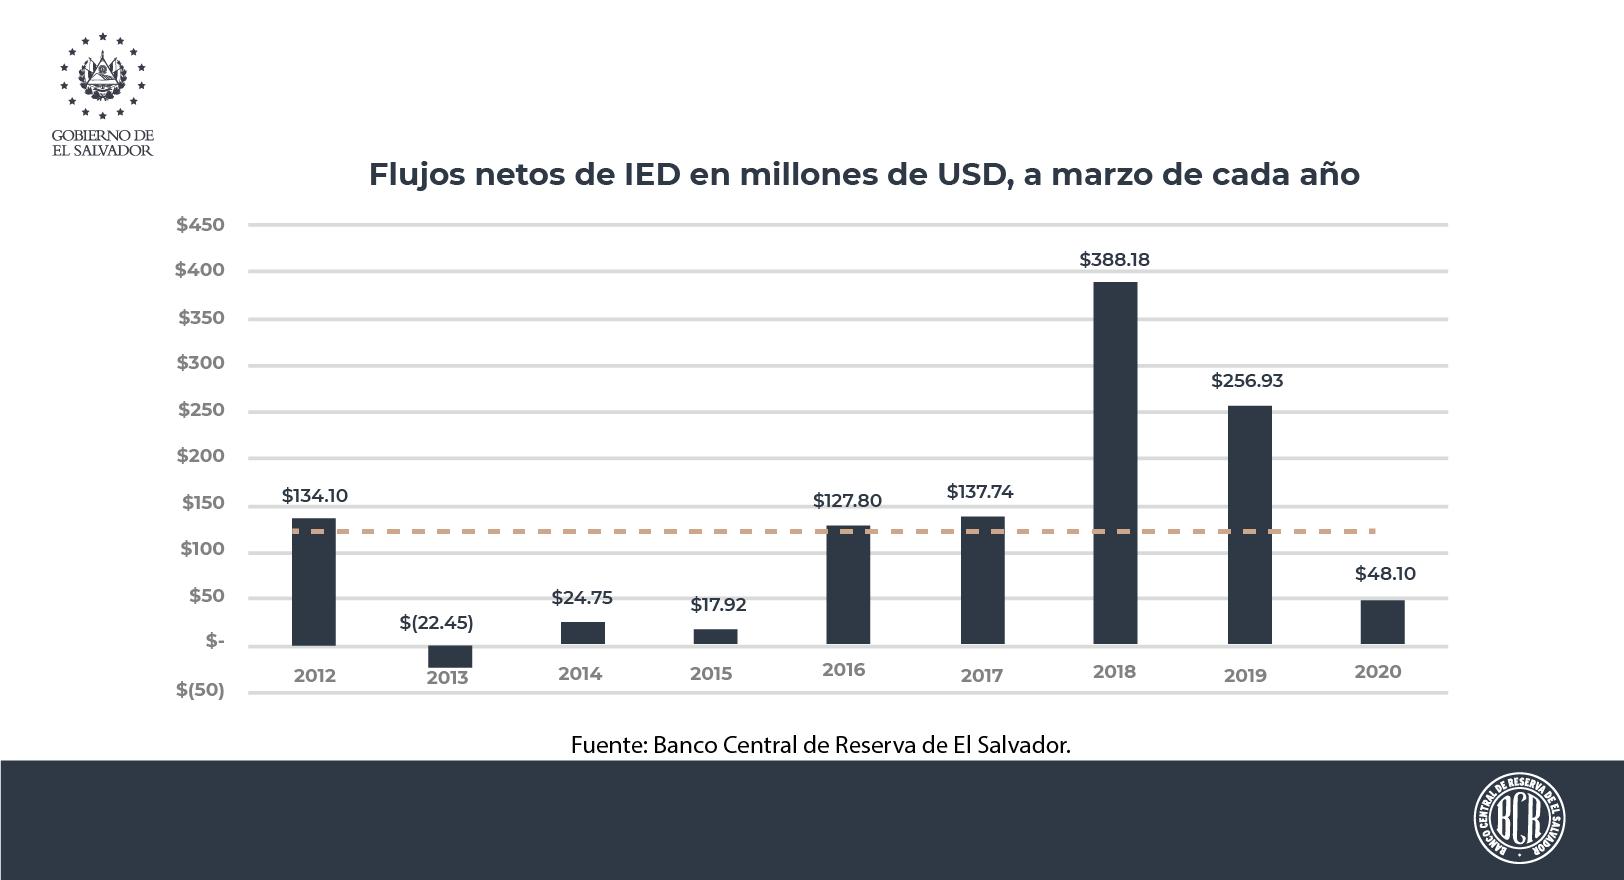 El Salvador recibió flujos netos de Inversión Extranjera Directa por US$48.10 millones a marzo 2020